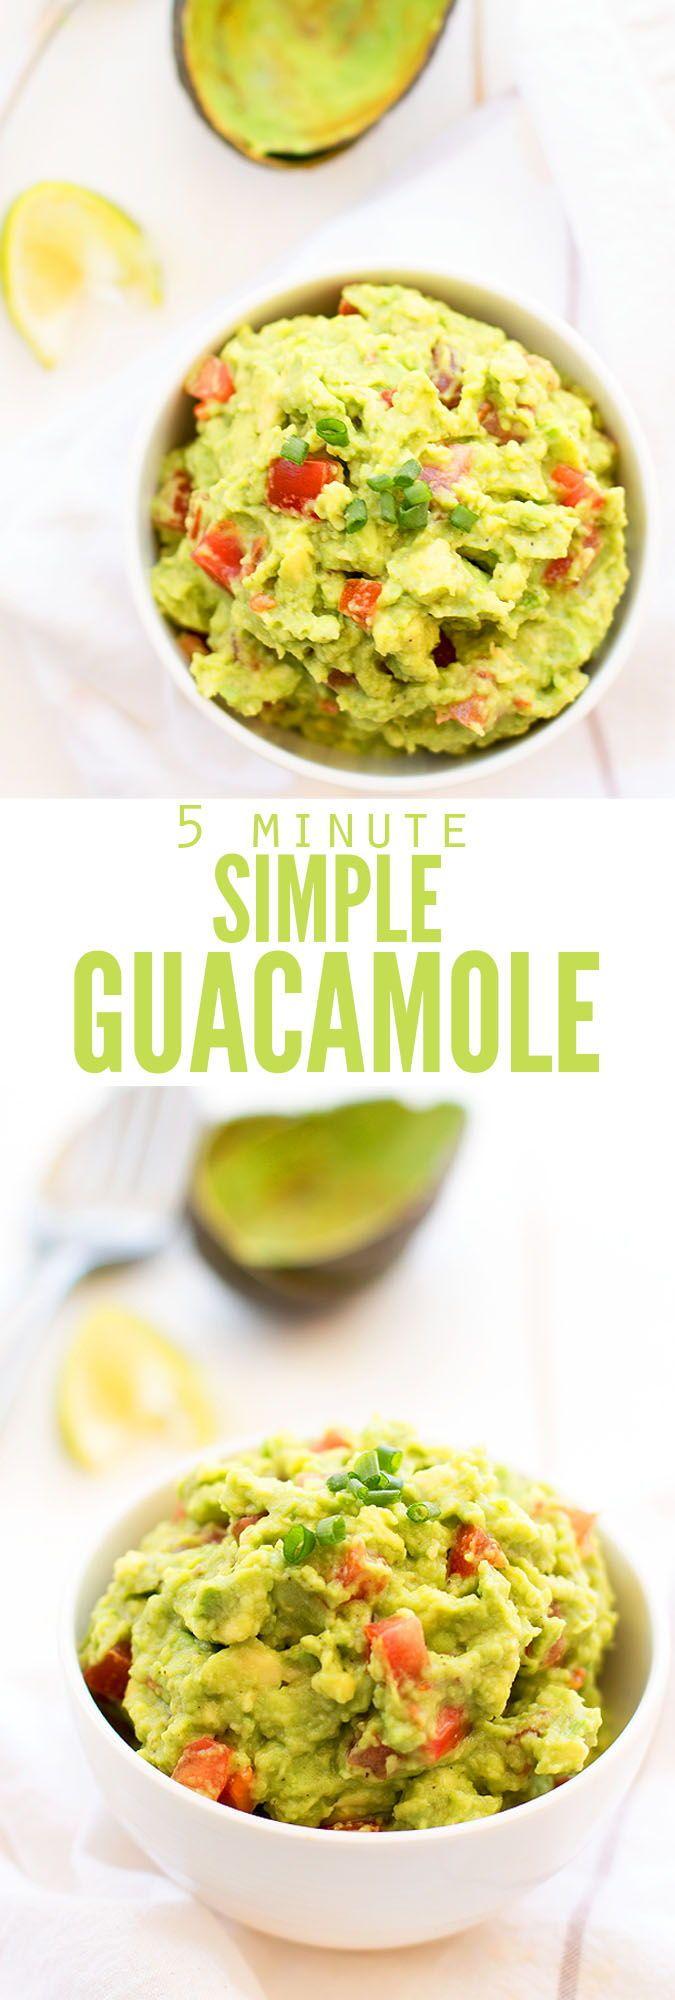 Easy Guacamole Recipe Guacamole Recipe Easy Food Recipes Whole Food Recipes